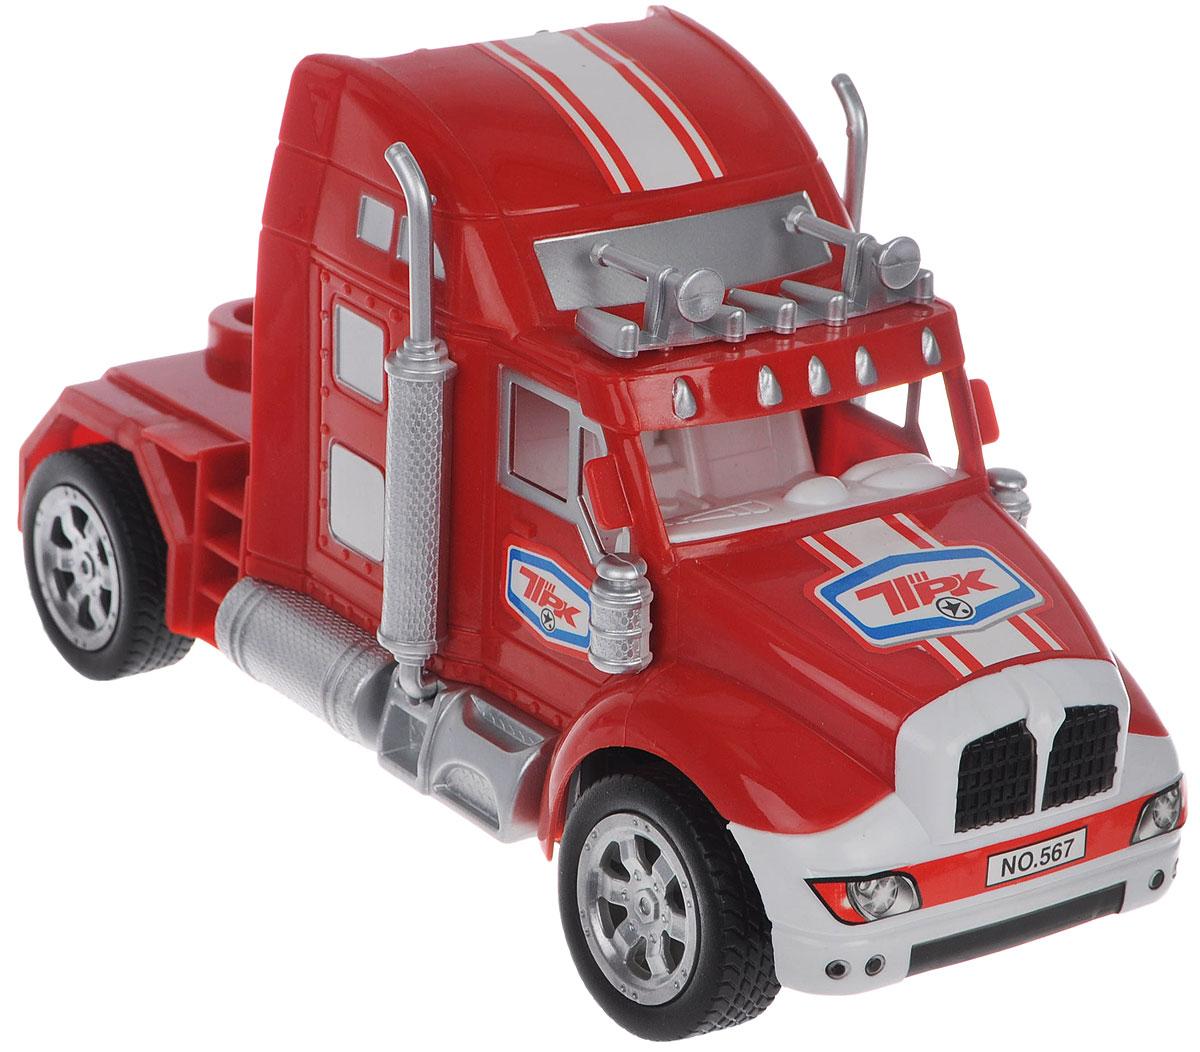 """Грузовик на радиоуправлении Junfa Toys """"Super Truck"""" со световыми эффектами обязательно привлечет внимание вашего ребенка. Машина при помощи пульта управления движется вперед, назад, направо, налево, назад налево, назад направо. Корпус грузовика выполнен из прочного пластика, шины - из резины. Хорошая проходимость модели позволяет преодолевать препятствия, играть не только дома, но и на улице. Такой грузовик станет отличным подарком любителю автомобилей! Радиоуправляемые игрушки способствуют развитию координации движений, моторики и ловкости. Пульт управления работает от 2 батареек типа АА (не входят в комплект). Машинка работает от 4 батареек типа АА (не входят в комплект)."""